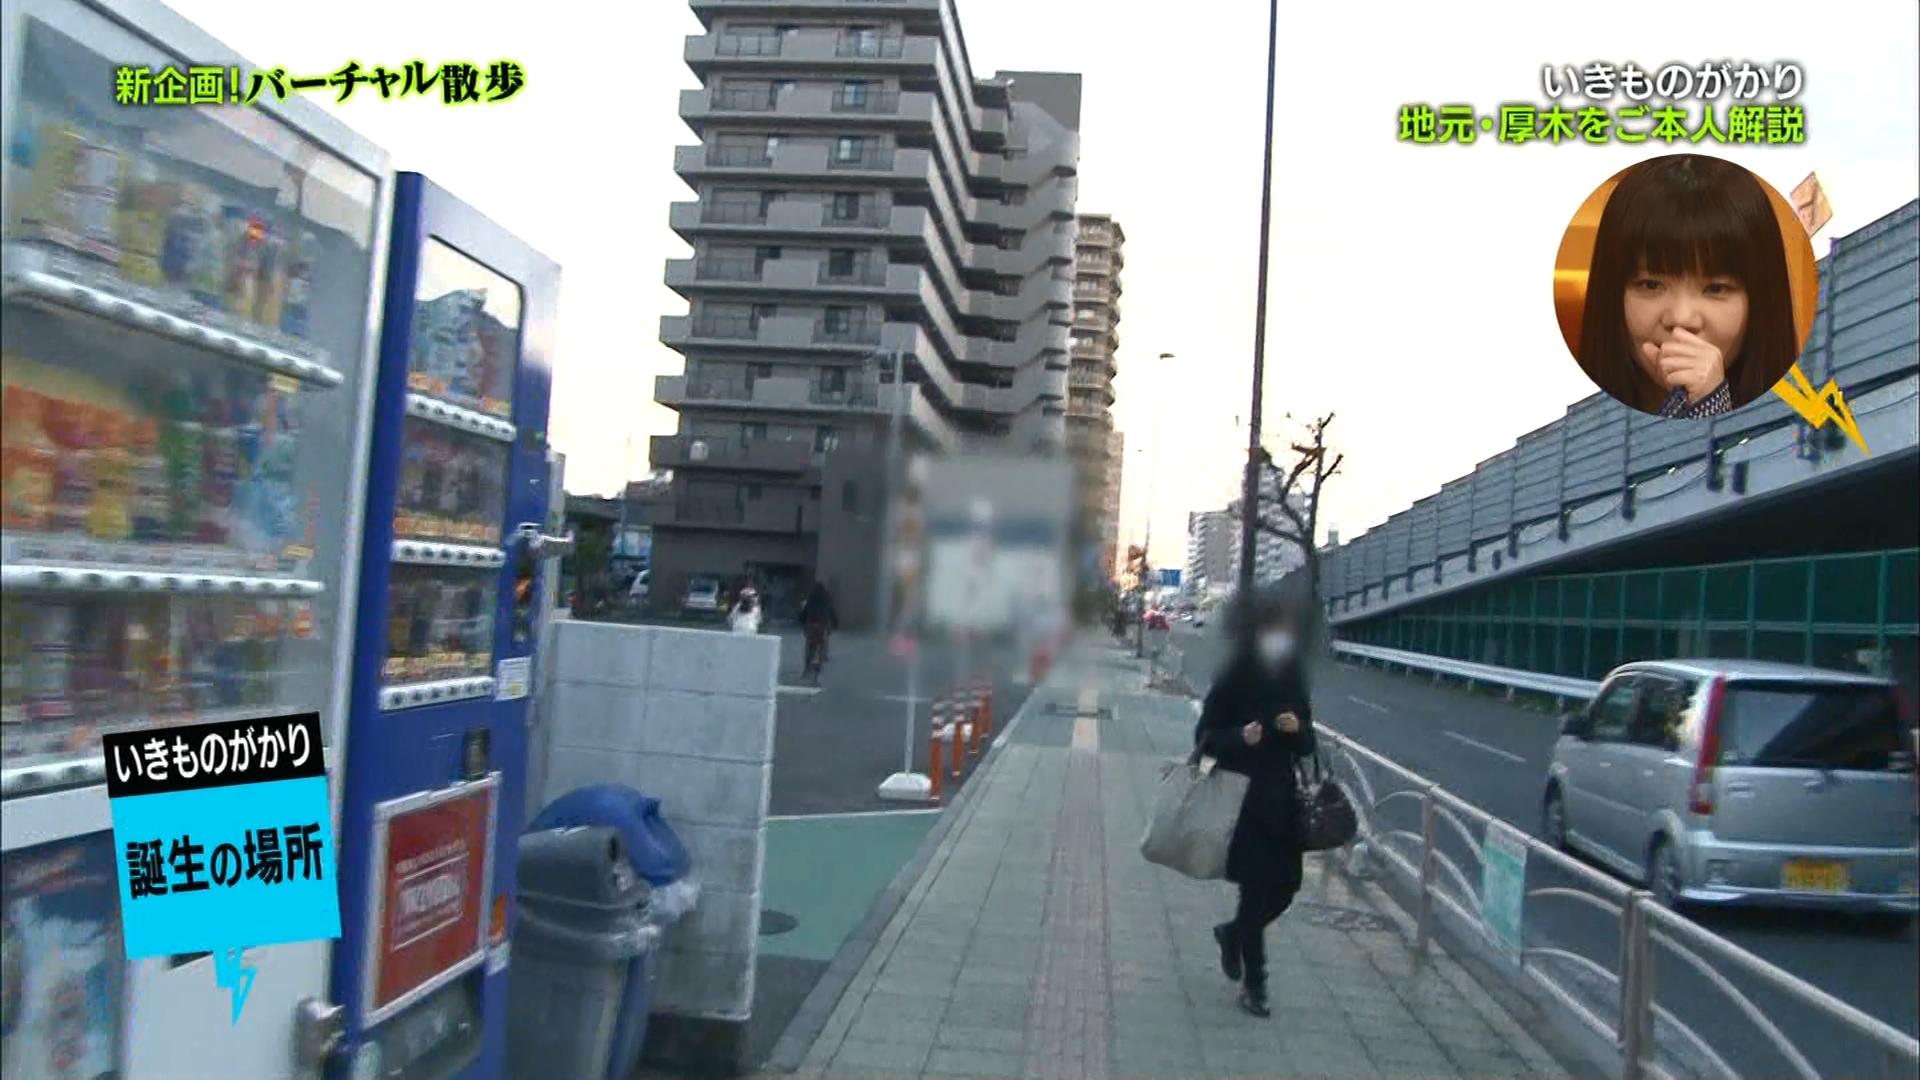 2016.03.11 全場(バズリズム).ts_20160312_020210.810